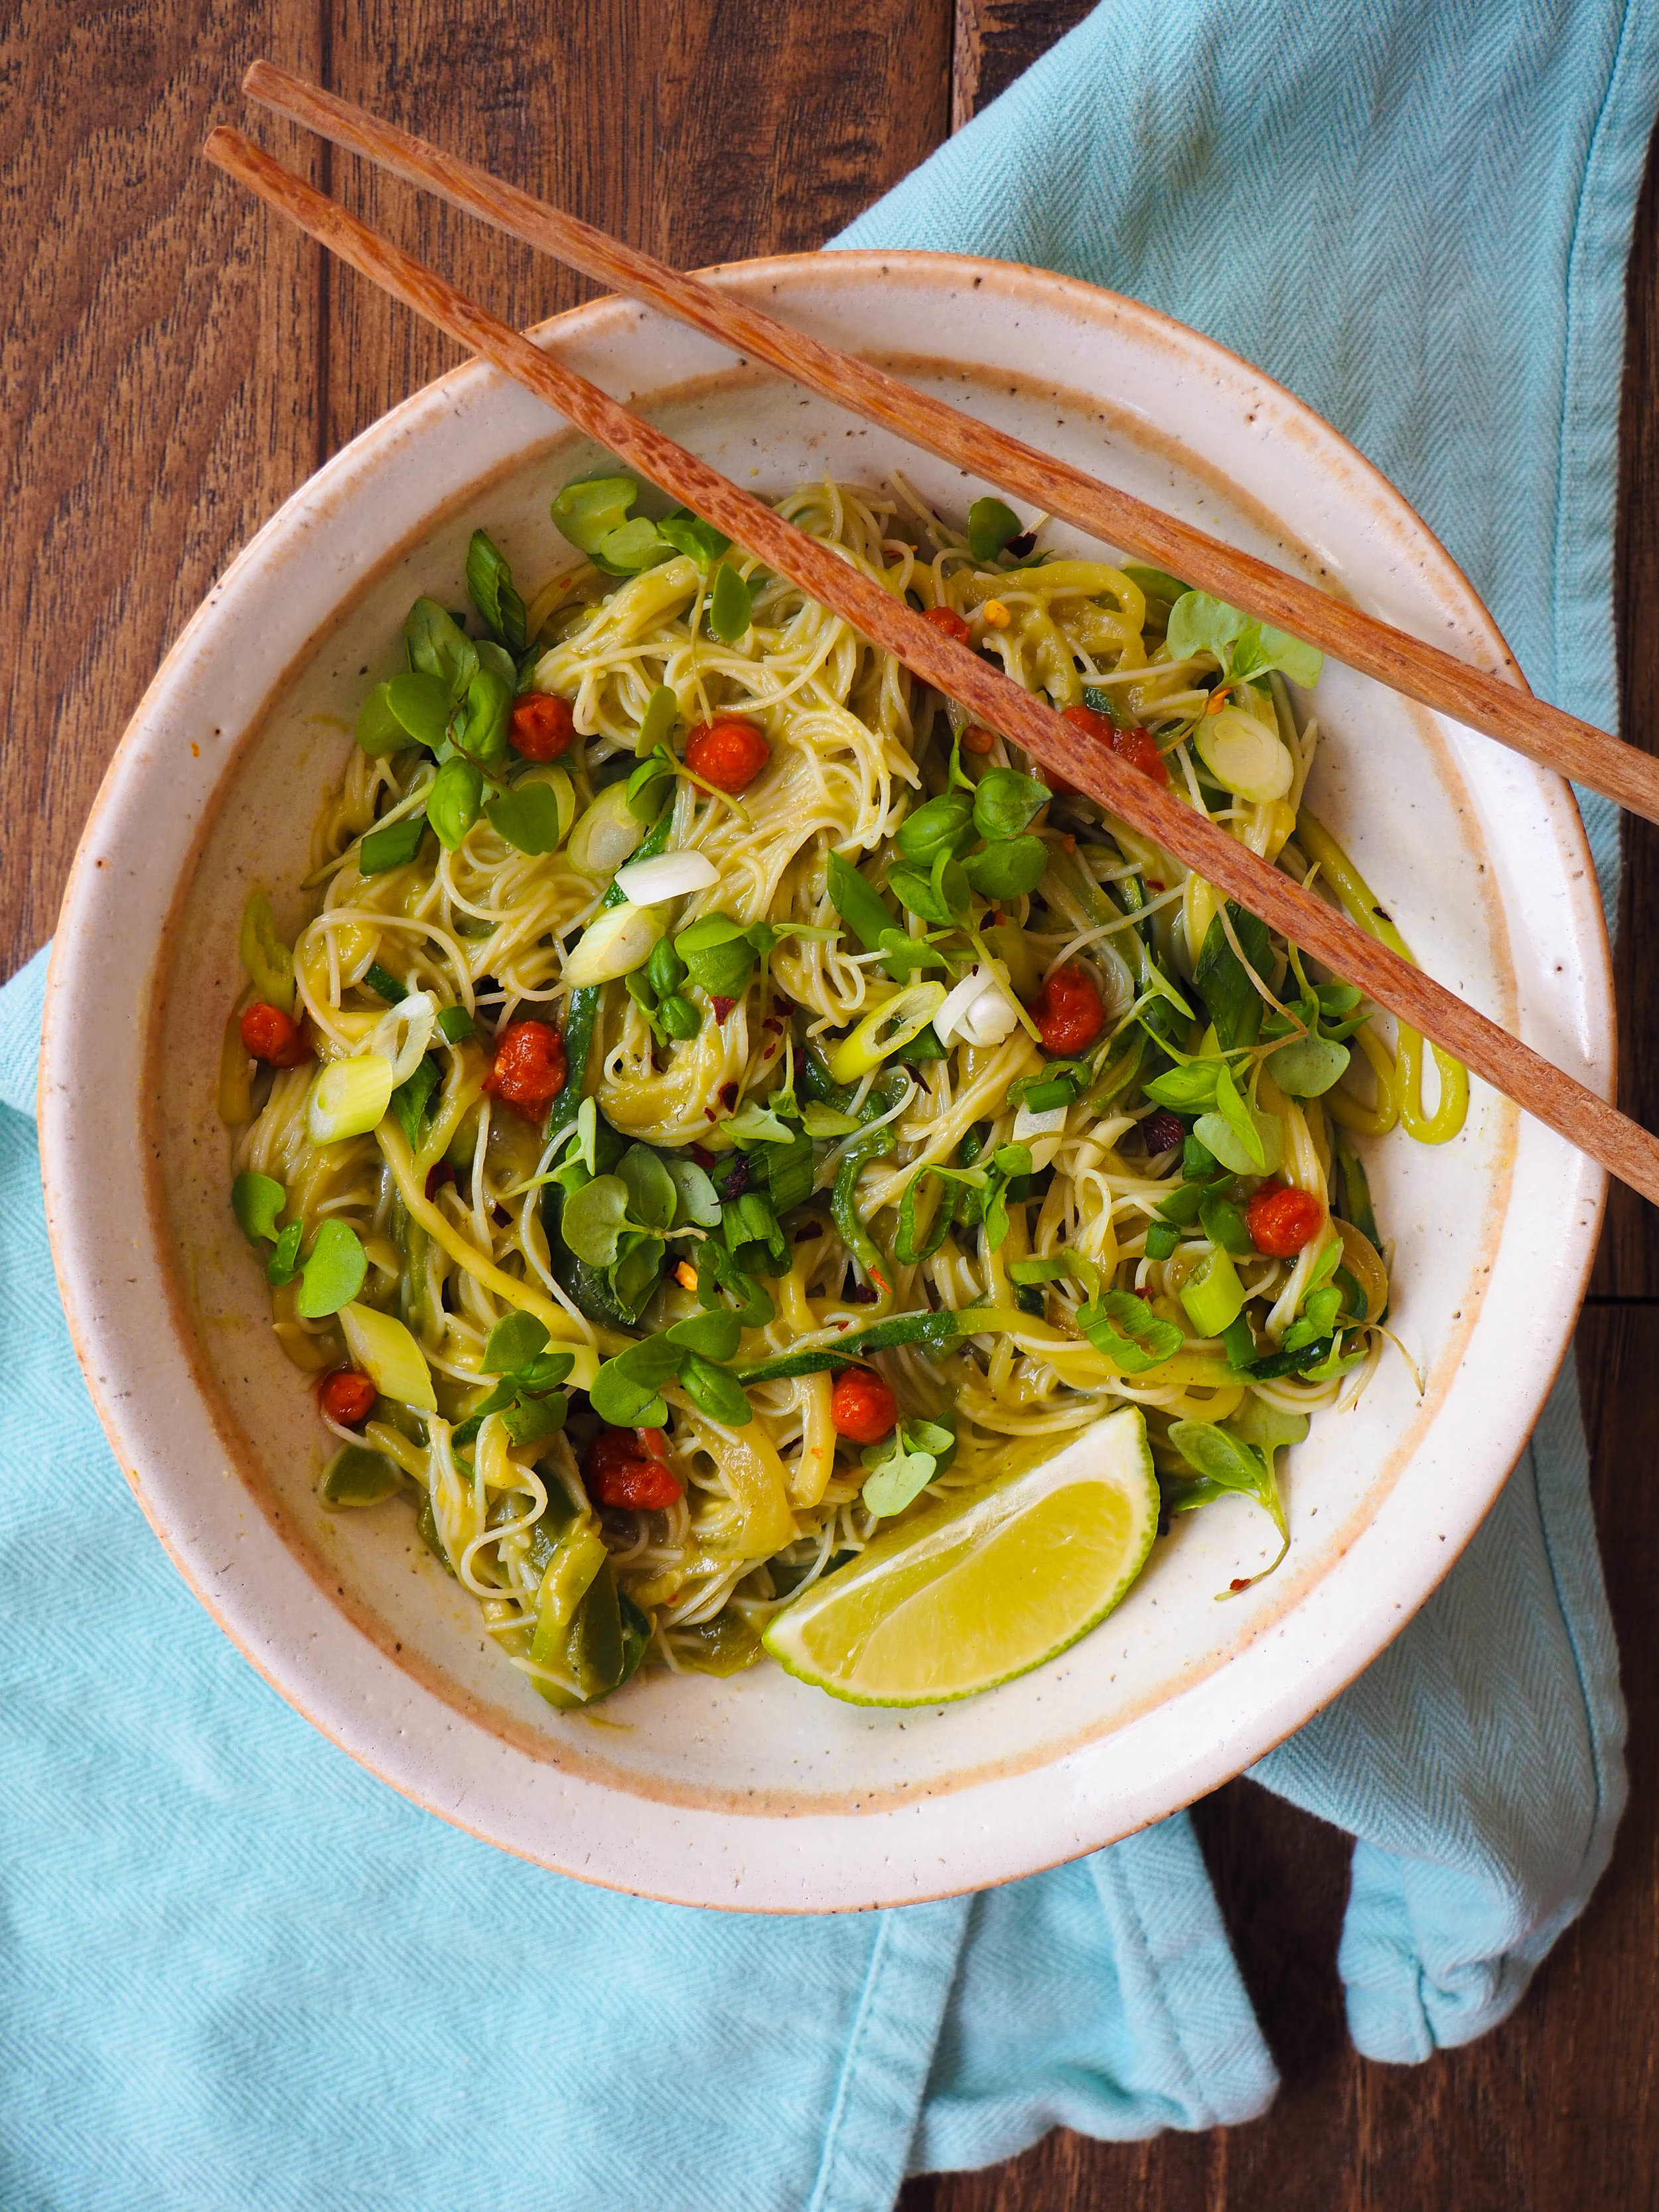 蔬菜蔬菜沙拉是面条!